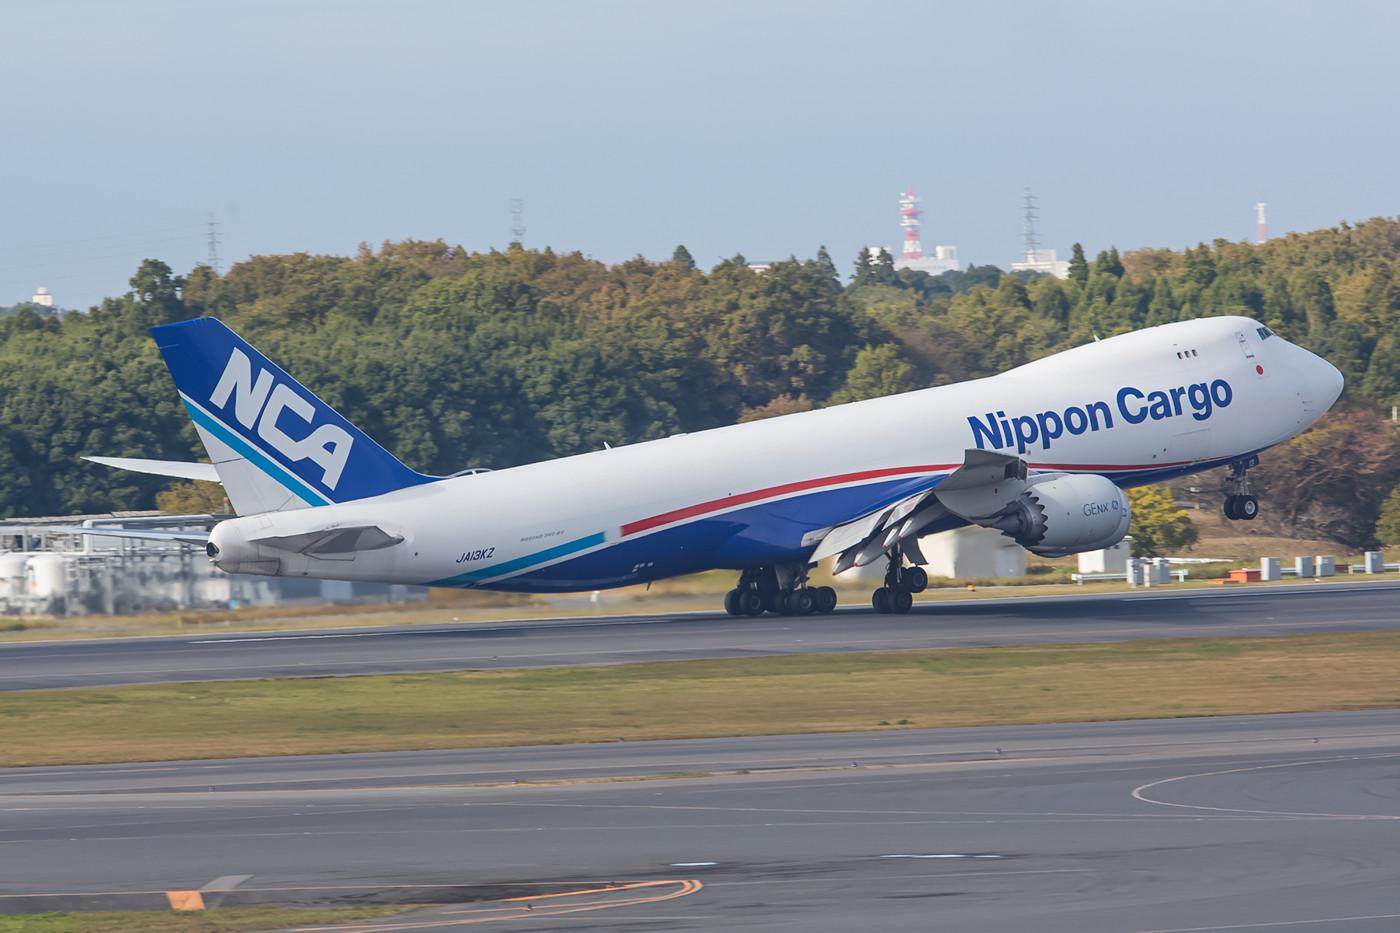 Die NCA hat ihre Flotte schon ordentlich modernisiert und fliegt mehrere Boeing 747-8F